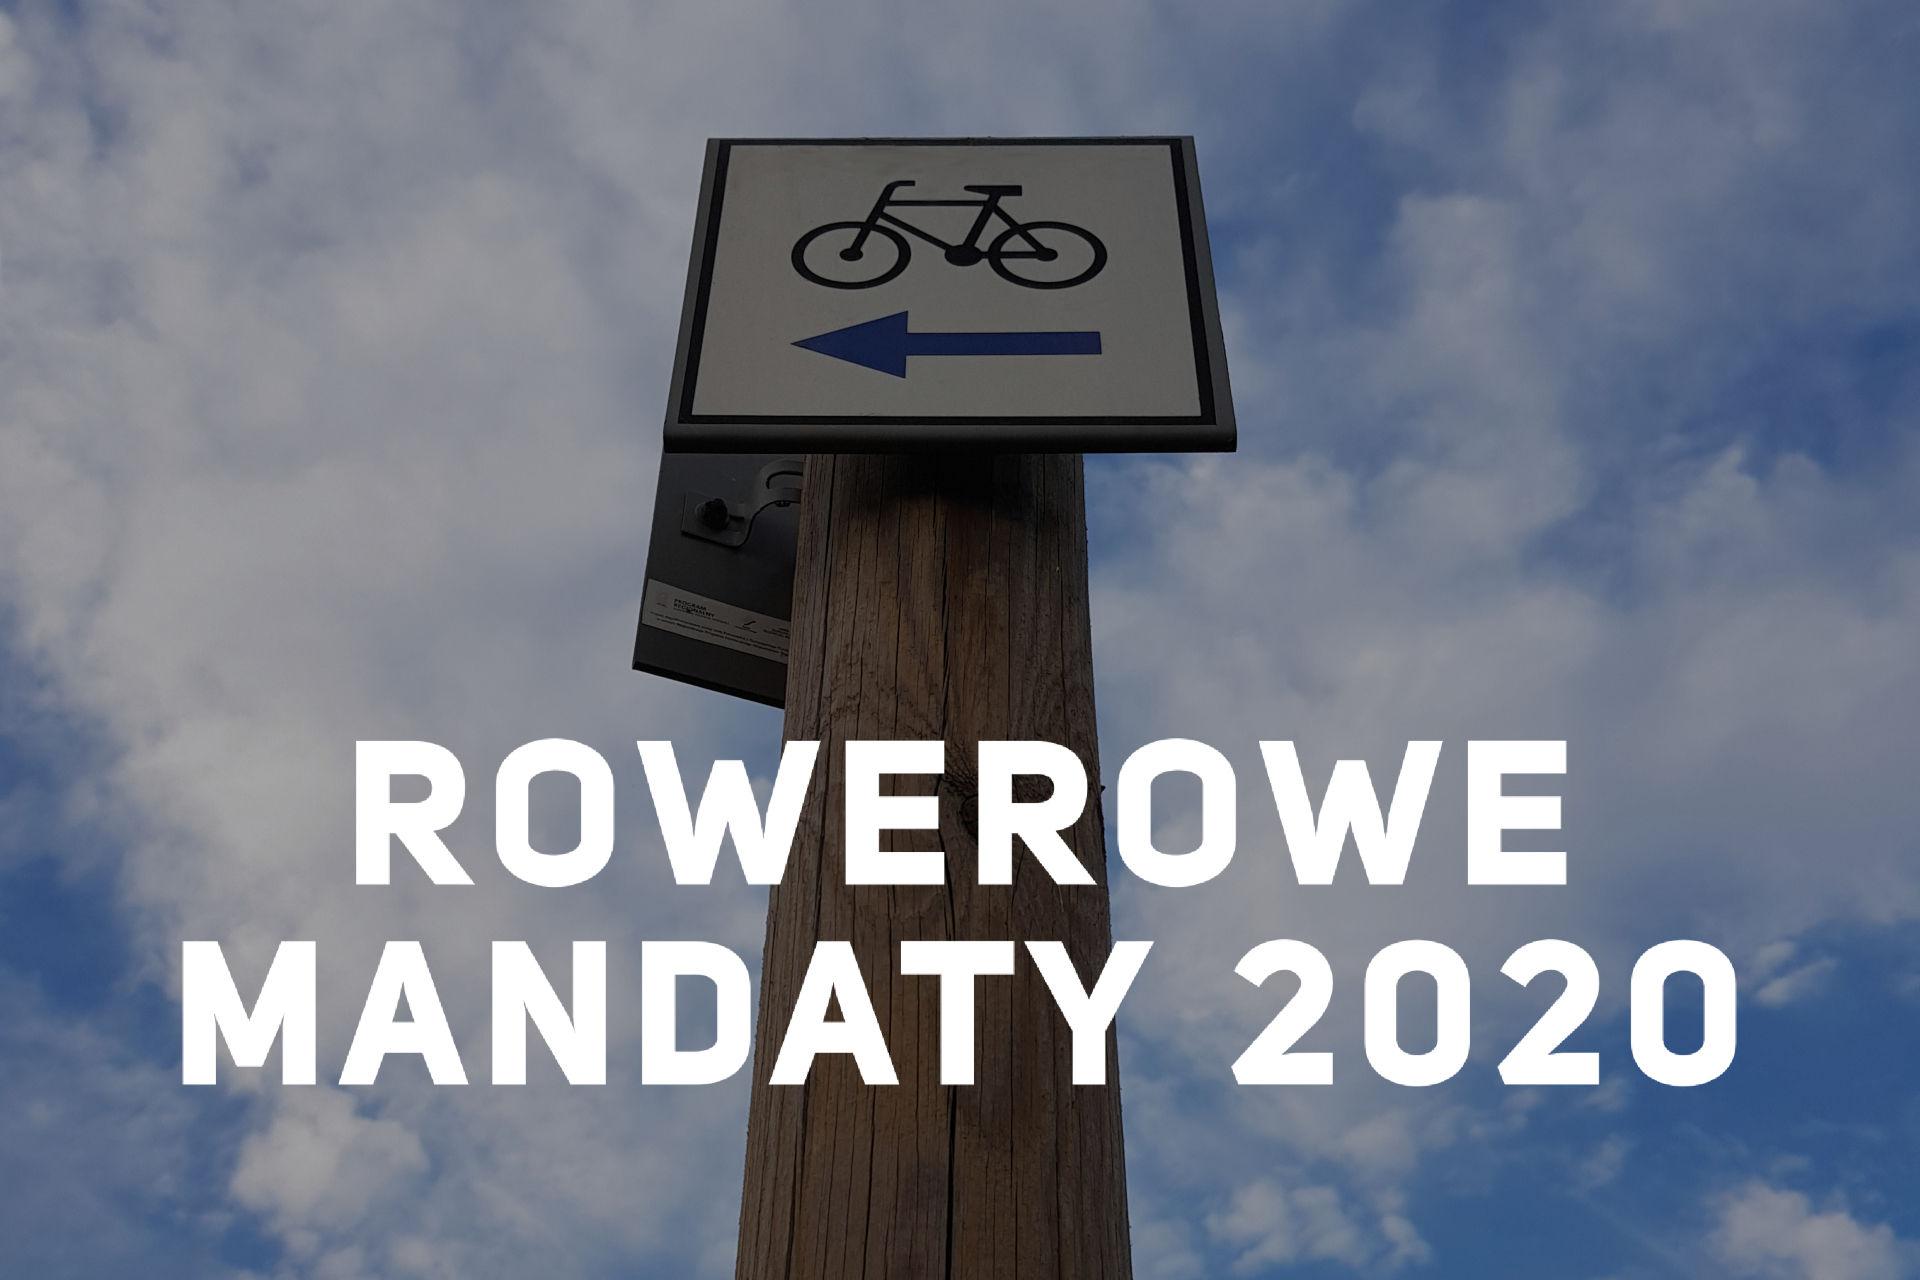 mandaty dla rowerzystów, rowerowe mandaty, mandaty 2020, rowerowe mandaty 2020, mandaty dla rowerzystów 2020